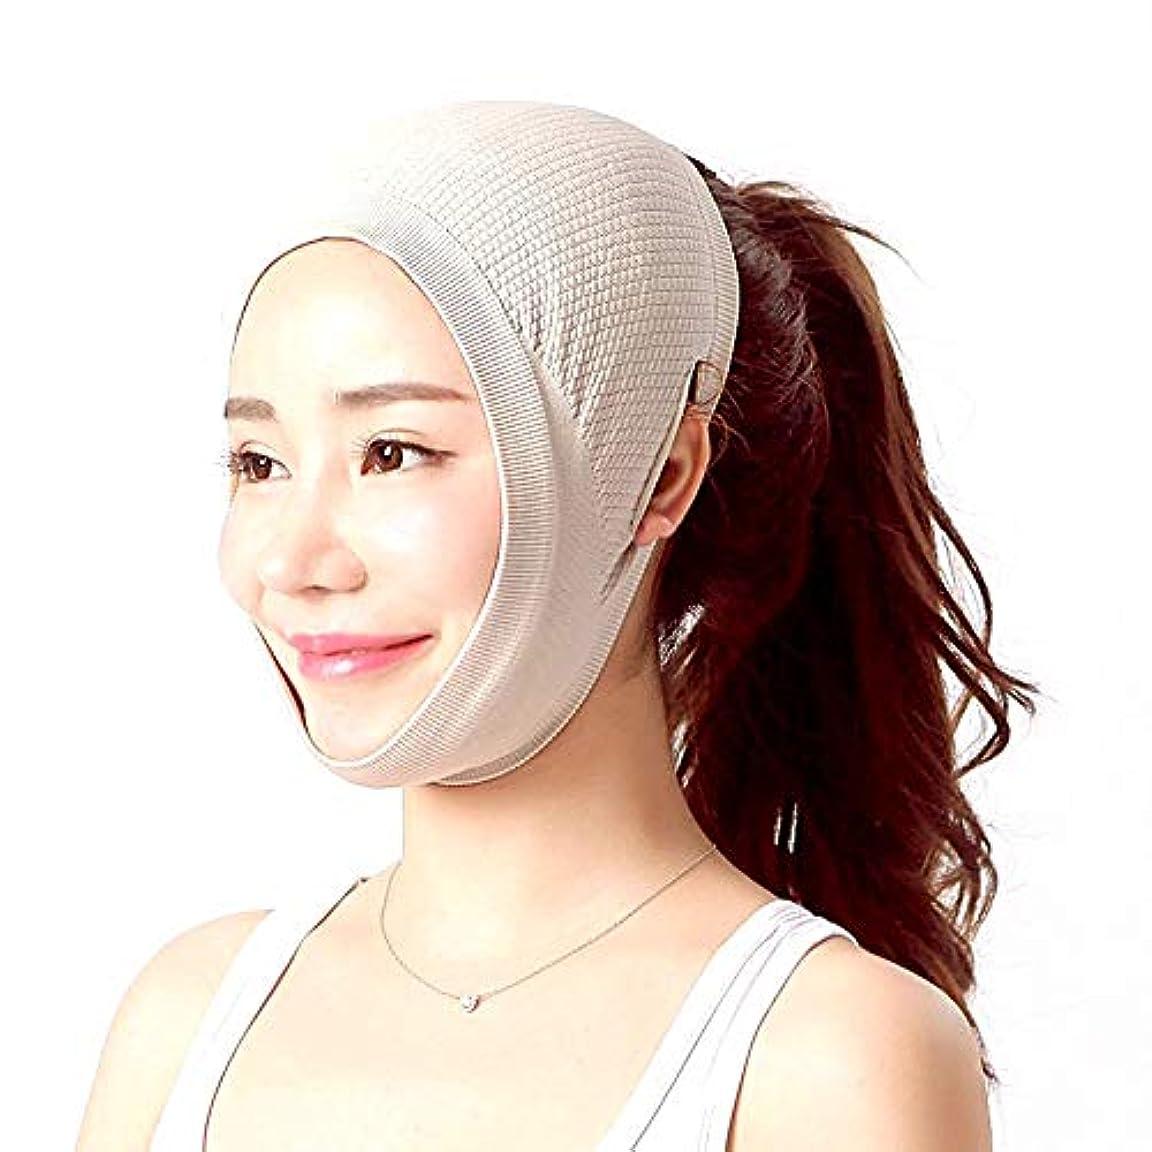 熱狂的な谷出発するフェイスリフティングアーティファクト包帯ライン術後回復包帯リフティングフェイスフードVフェイス包帯リフティングVフェイス美容マスク - 肌のトーン